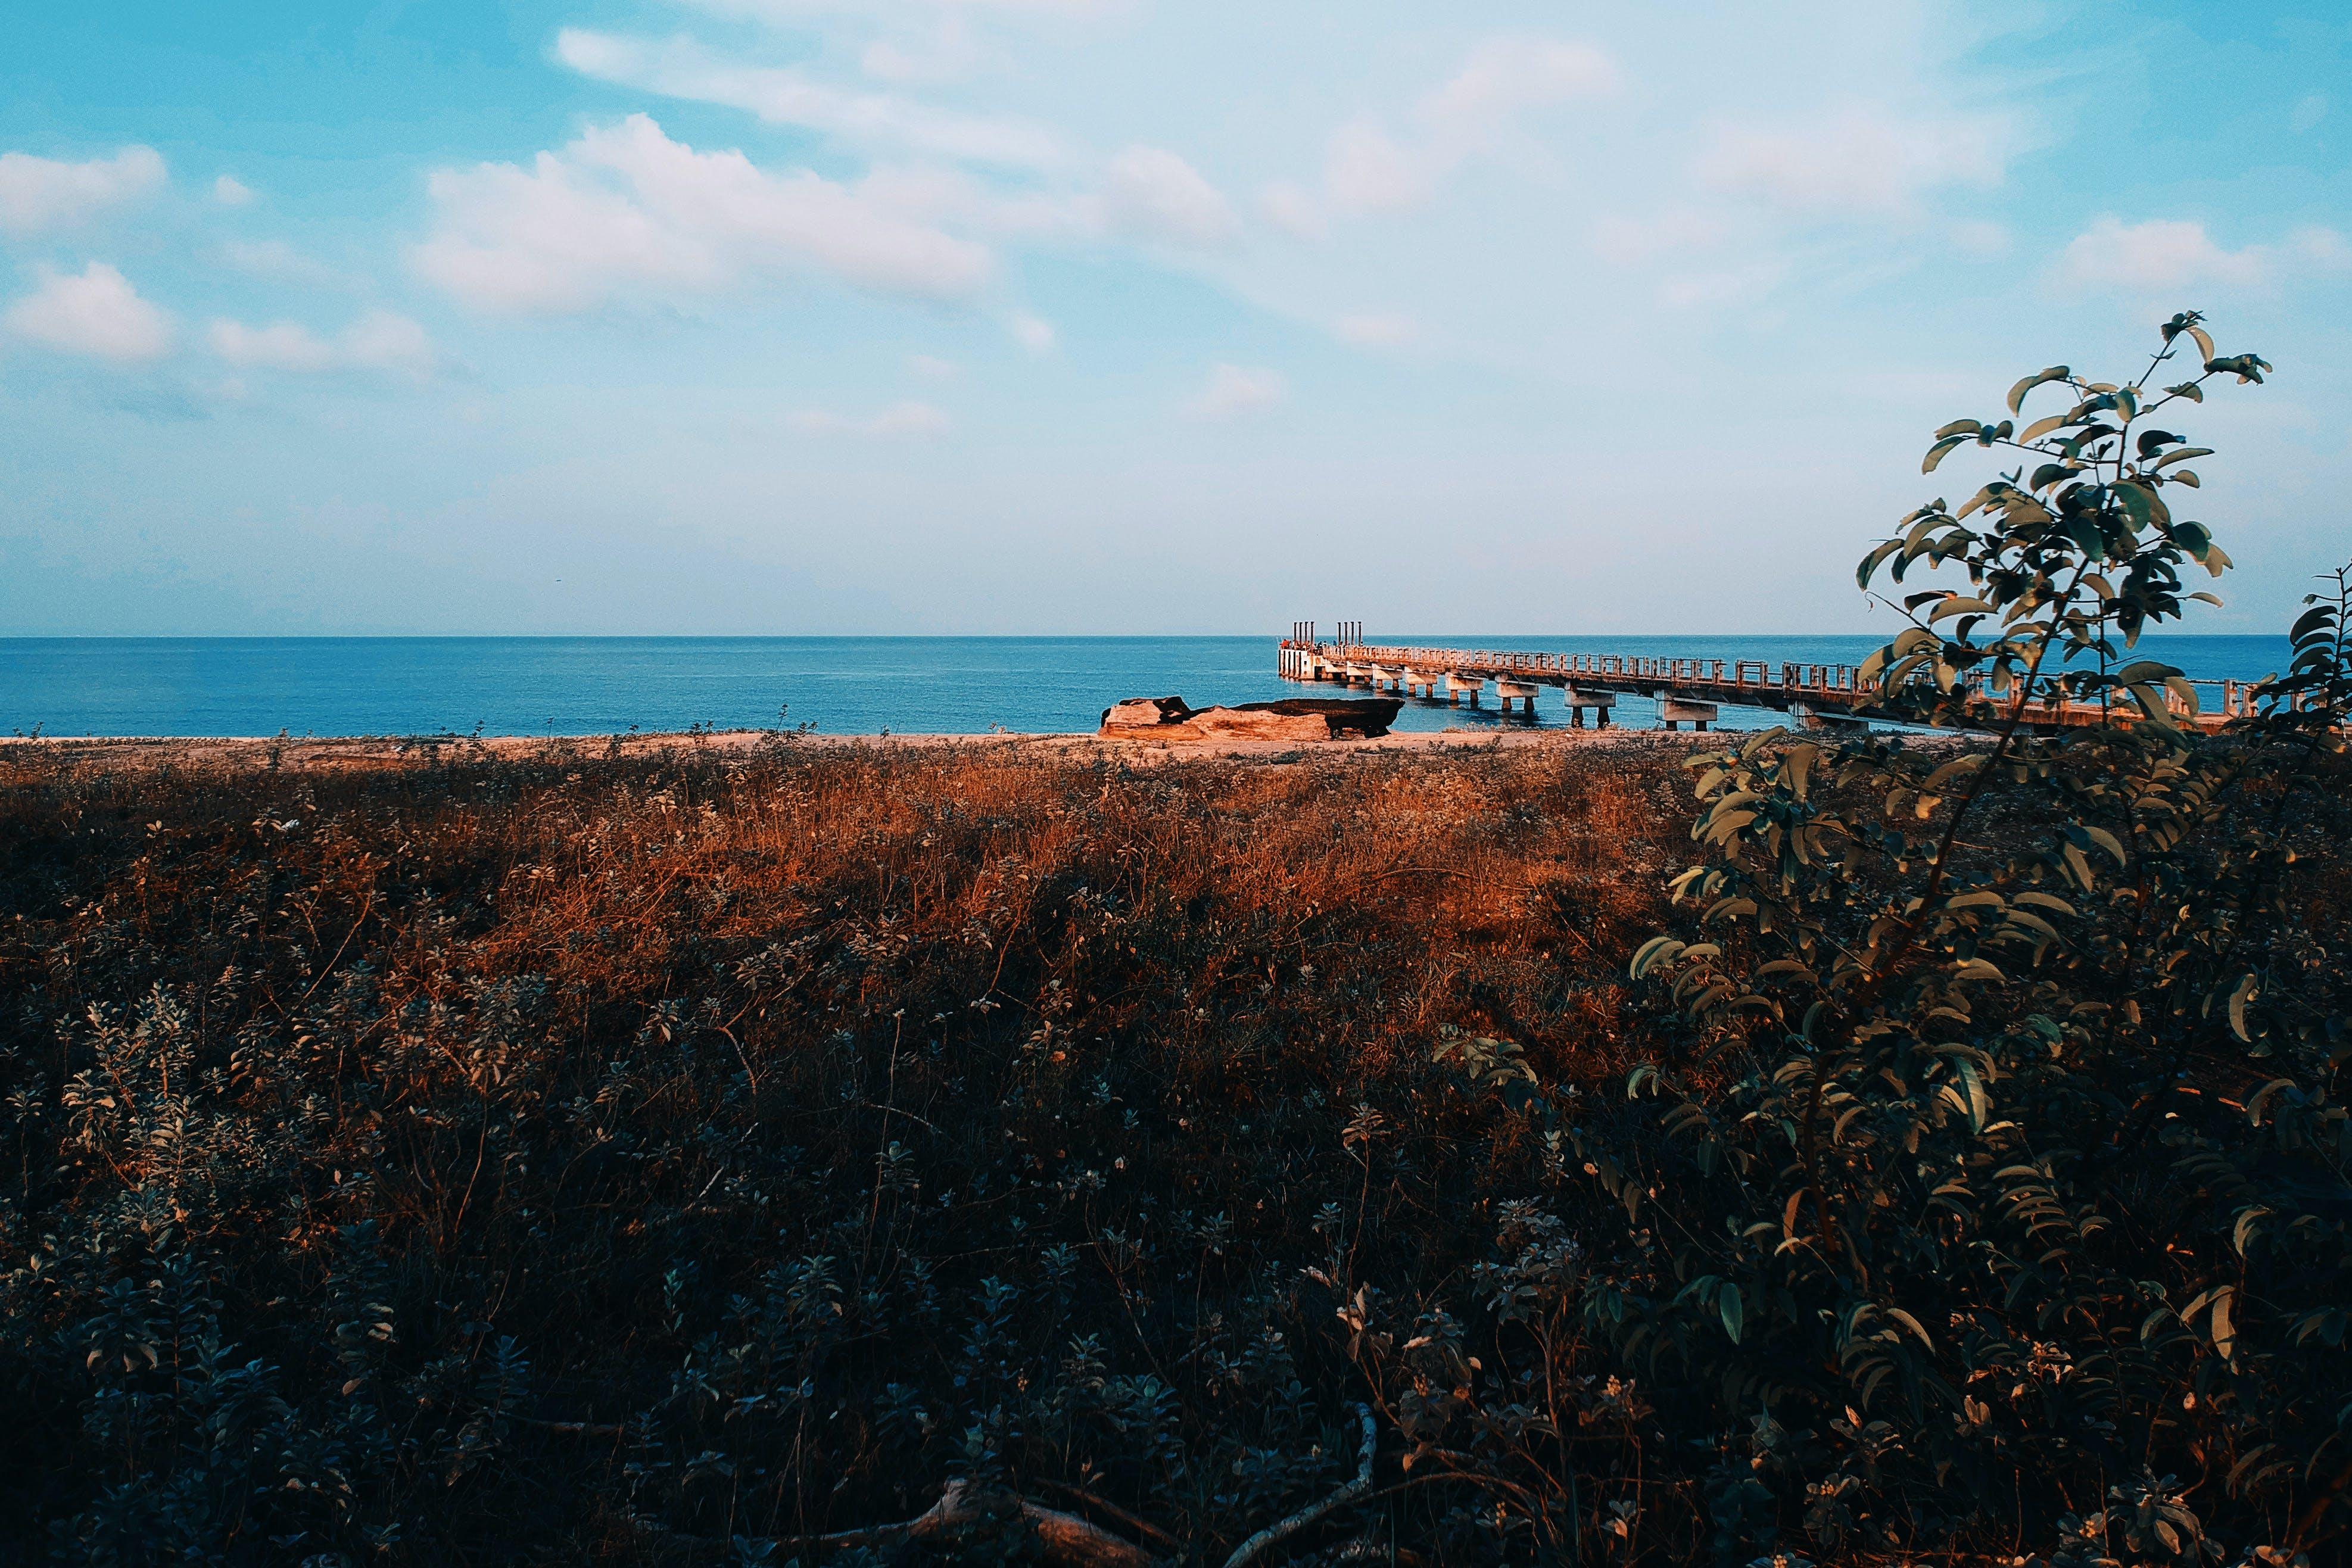 シースケープ, ドック, ビーチ, 日光の無料の写真素材